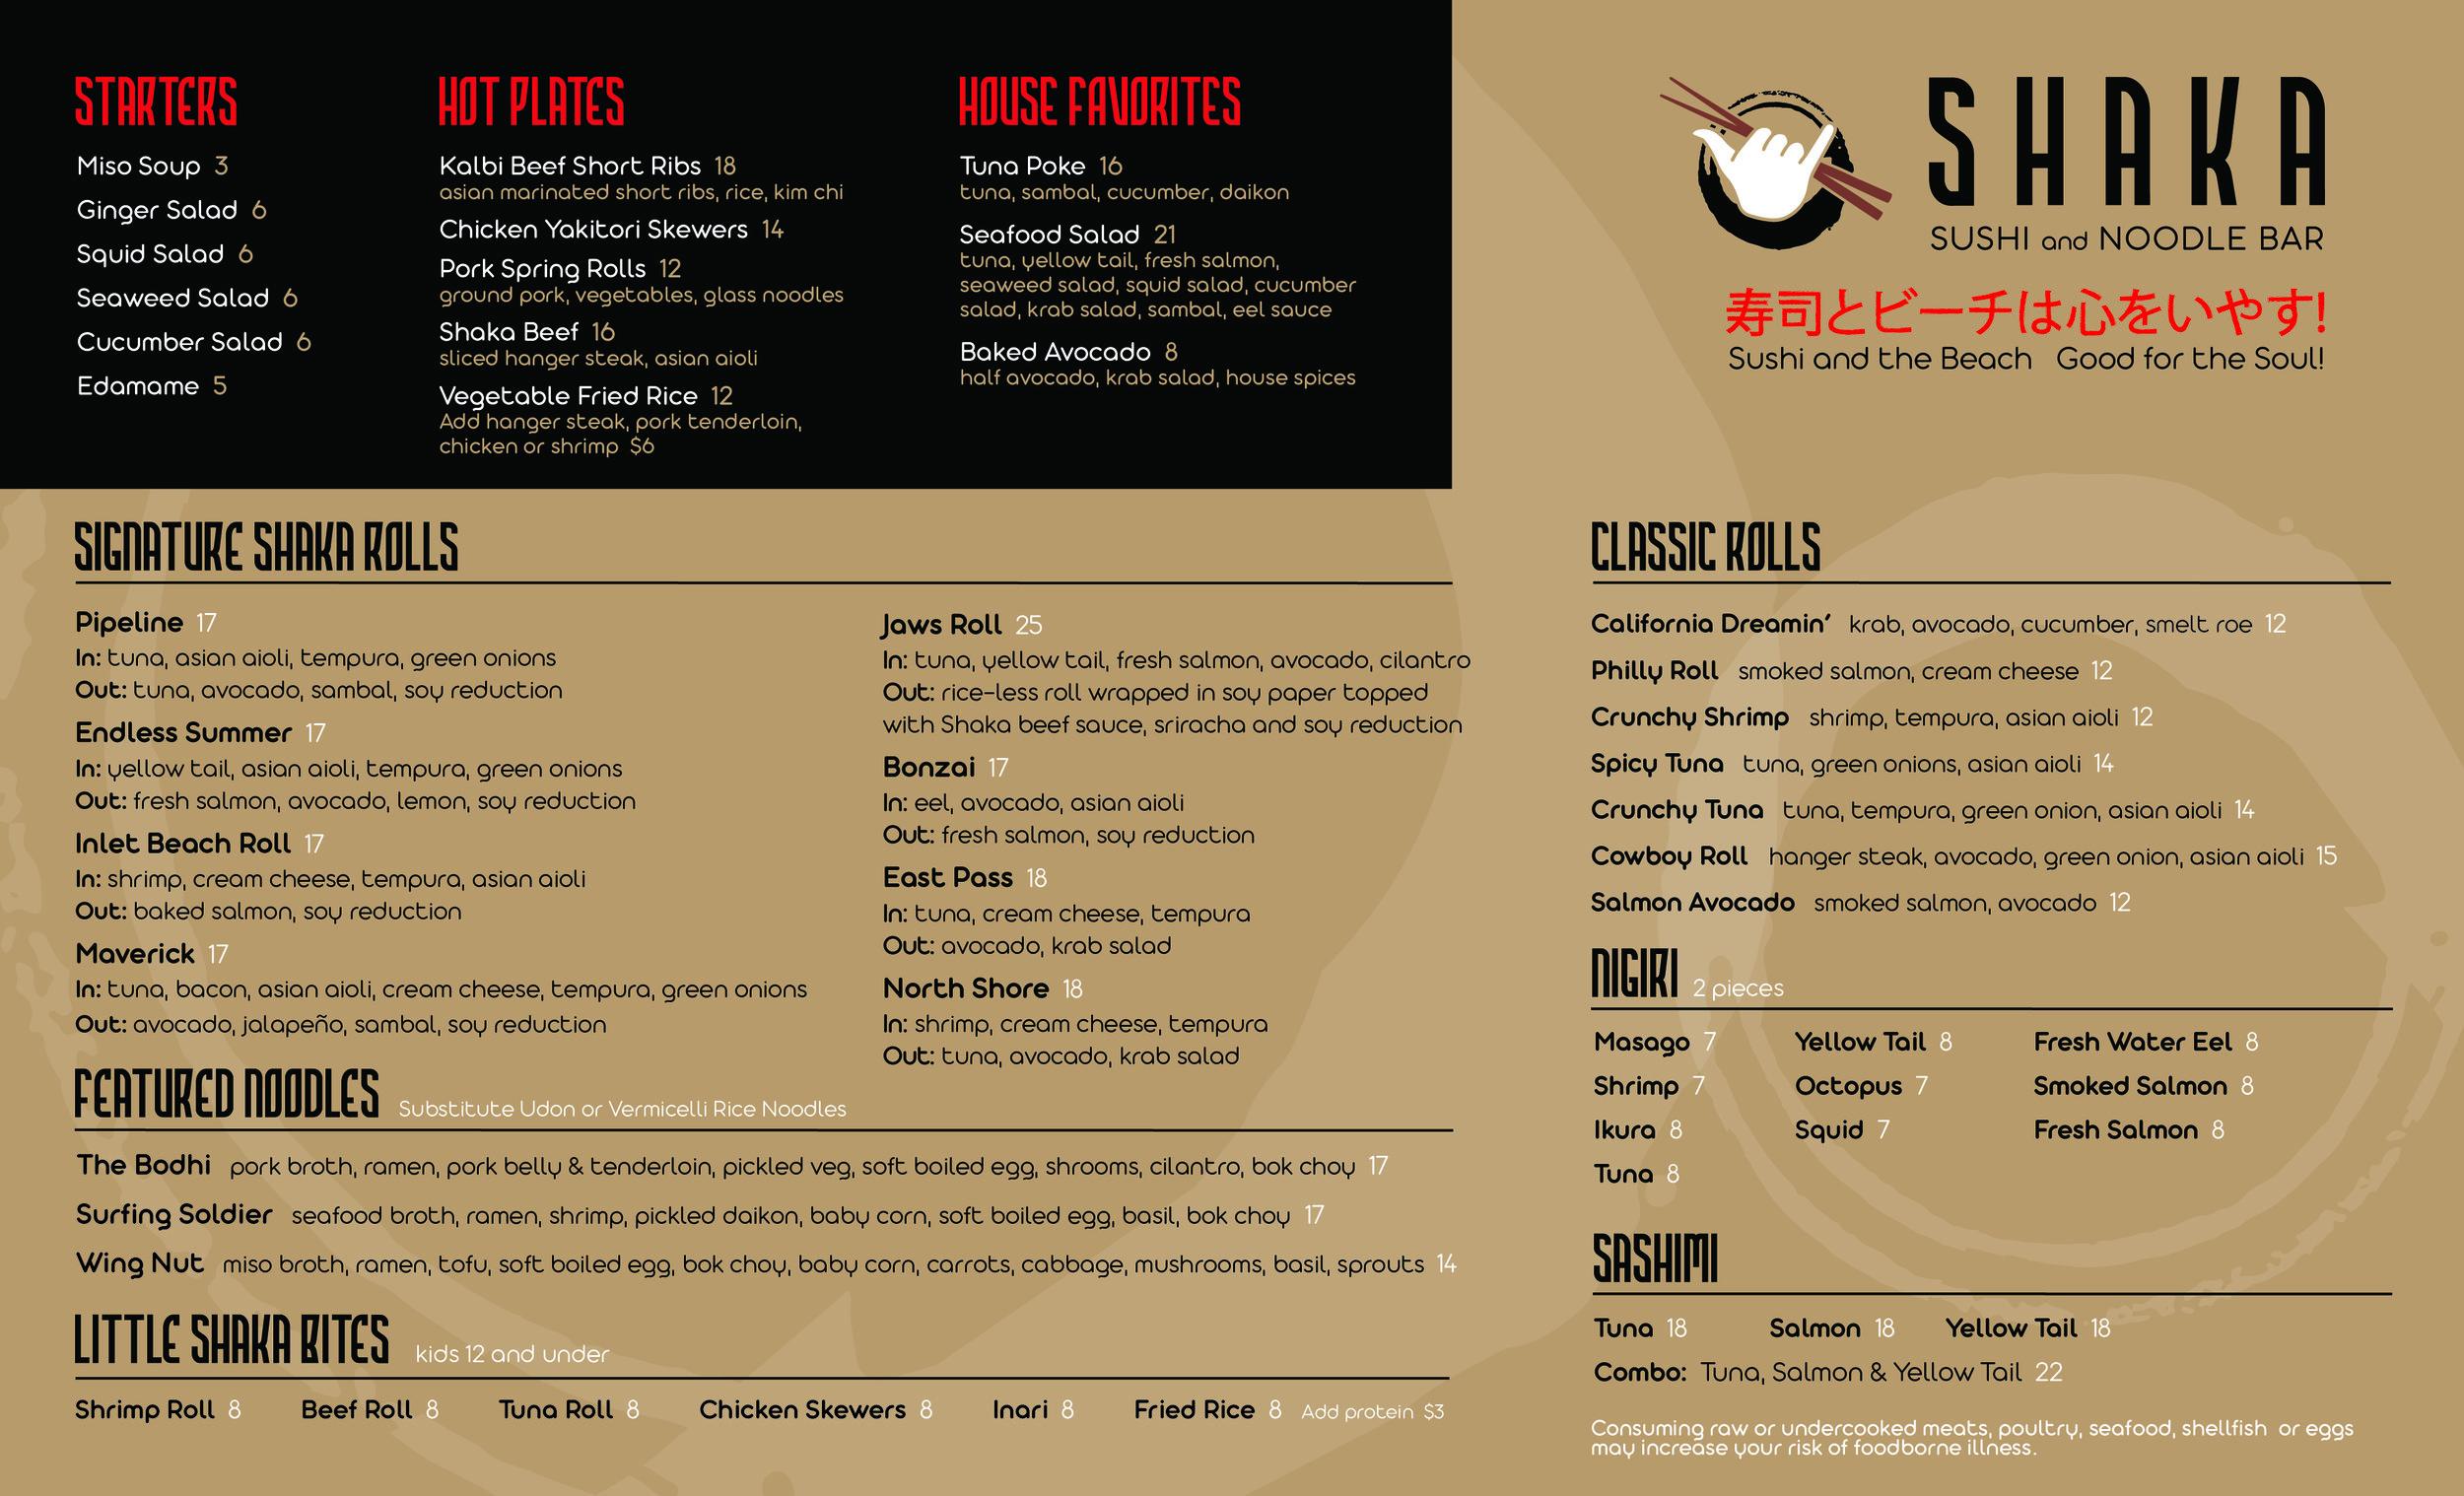 Shaka-Dinner_14x8.5_5.28.19-PRINT_shaka menu.jpg